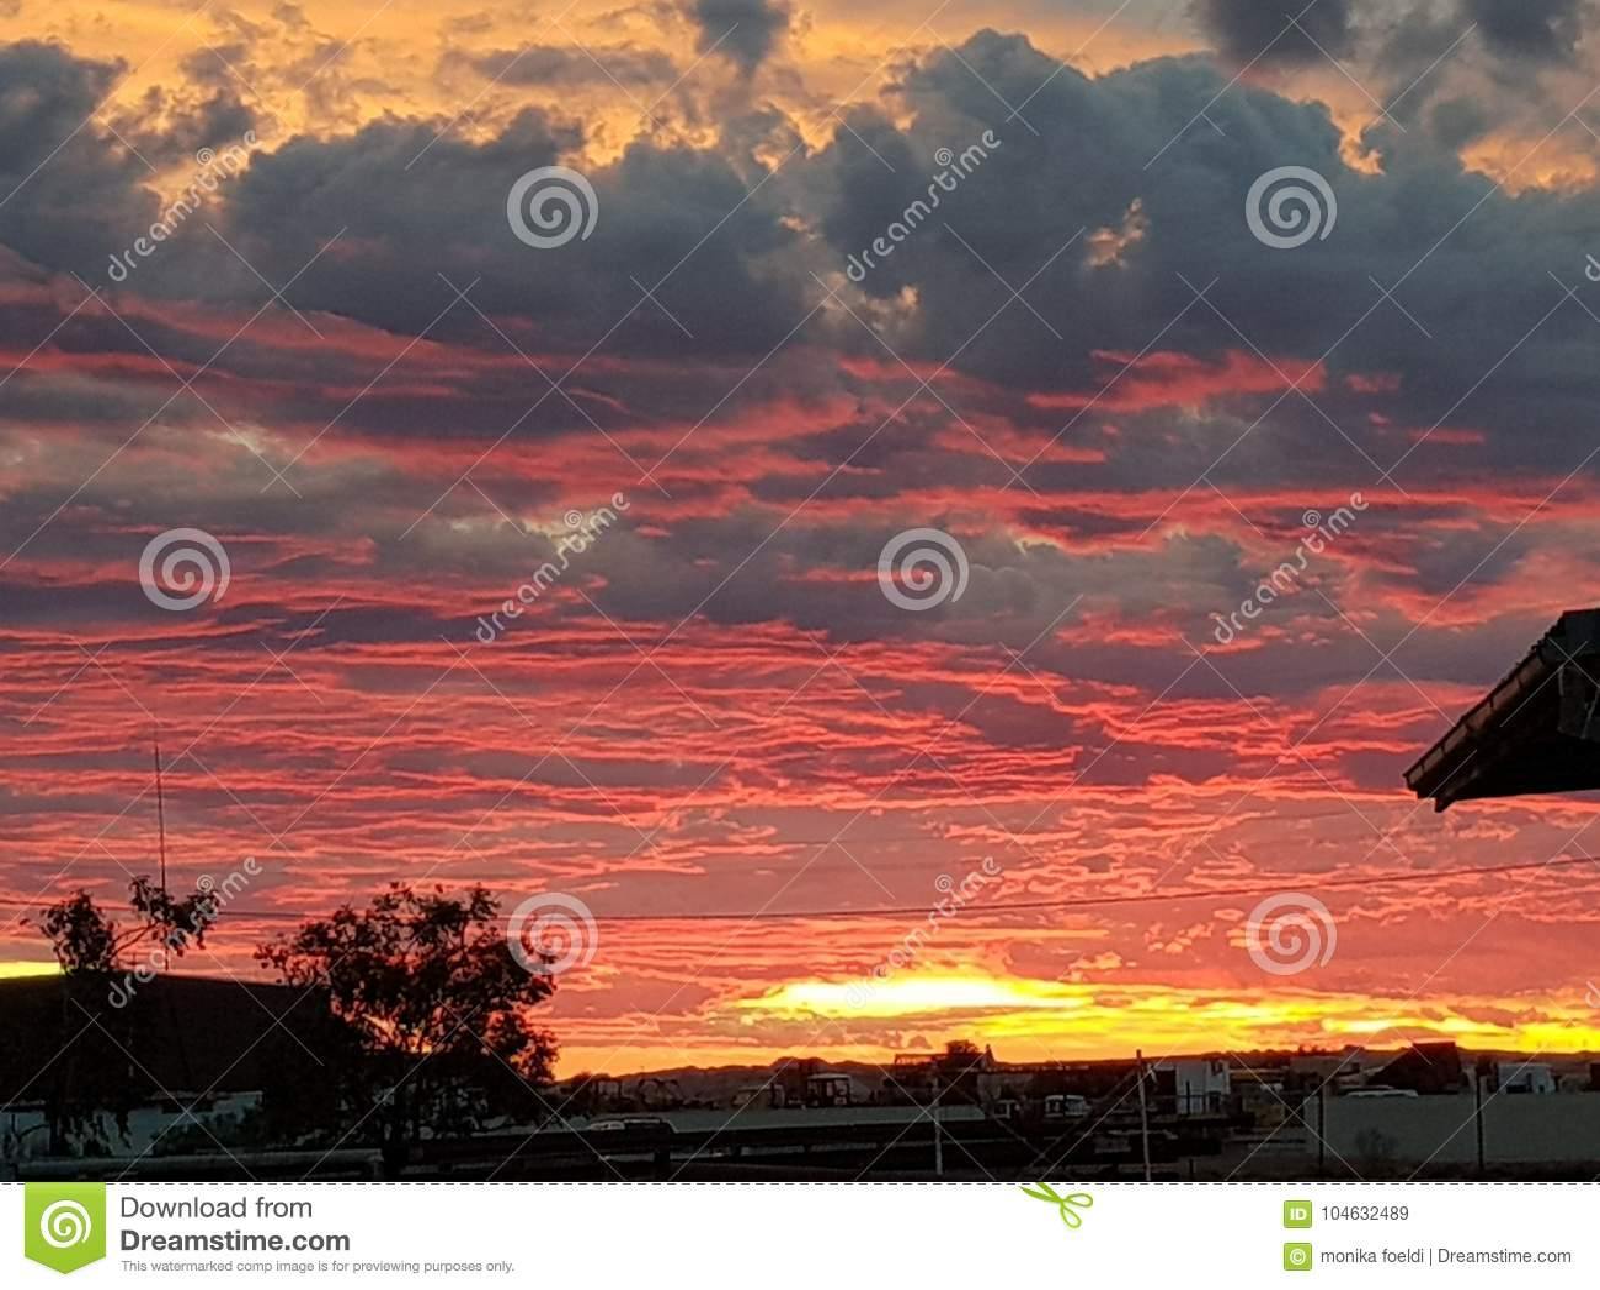 Download Coober Pedy Zon Geplaatst Zuid-Australië Stock Afbeelding - Afbeelding bestaande uit schemer, hemel: 104632489